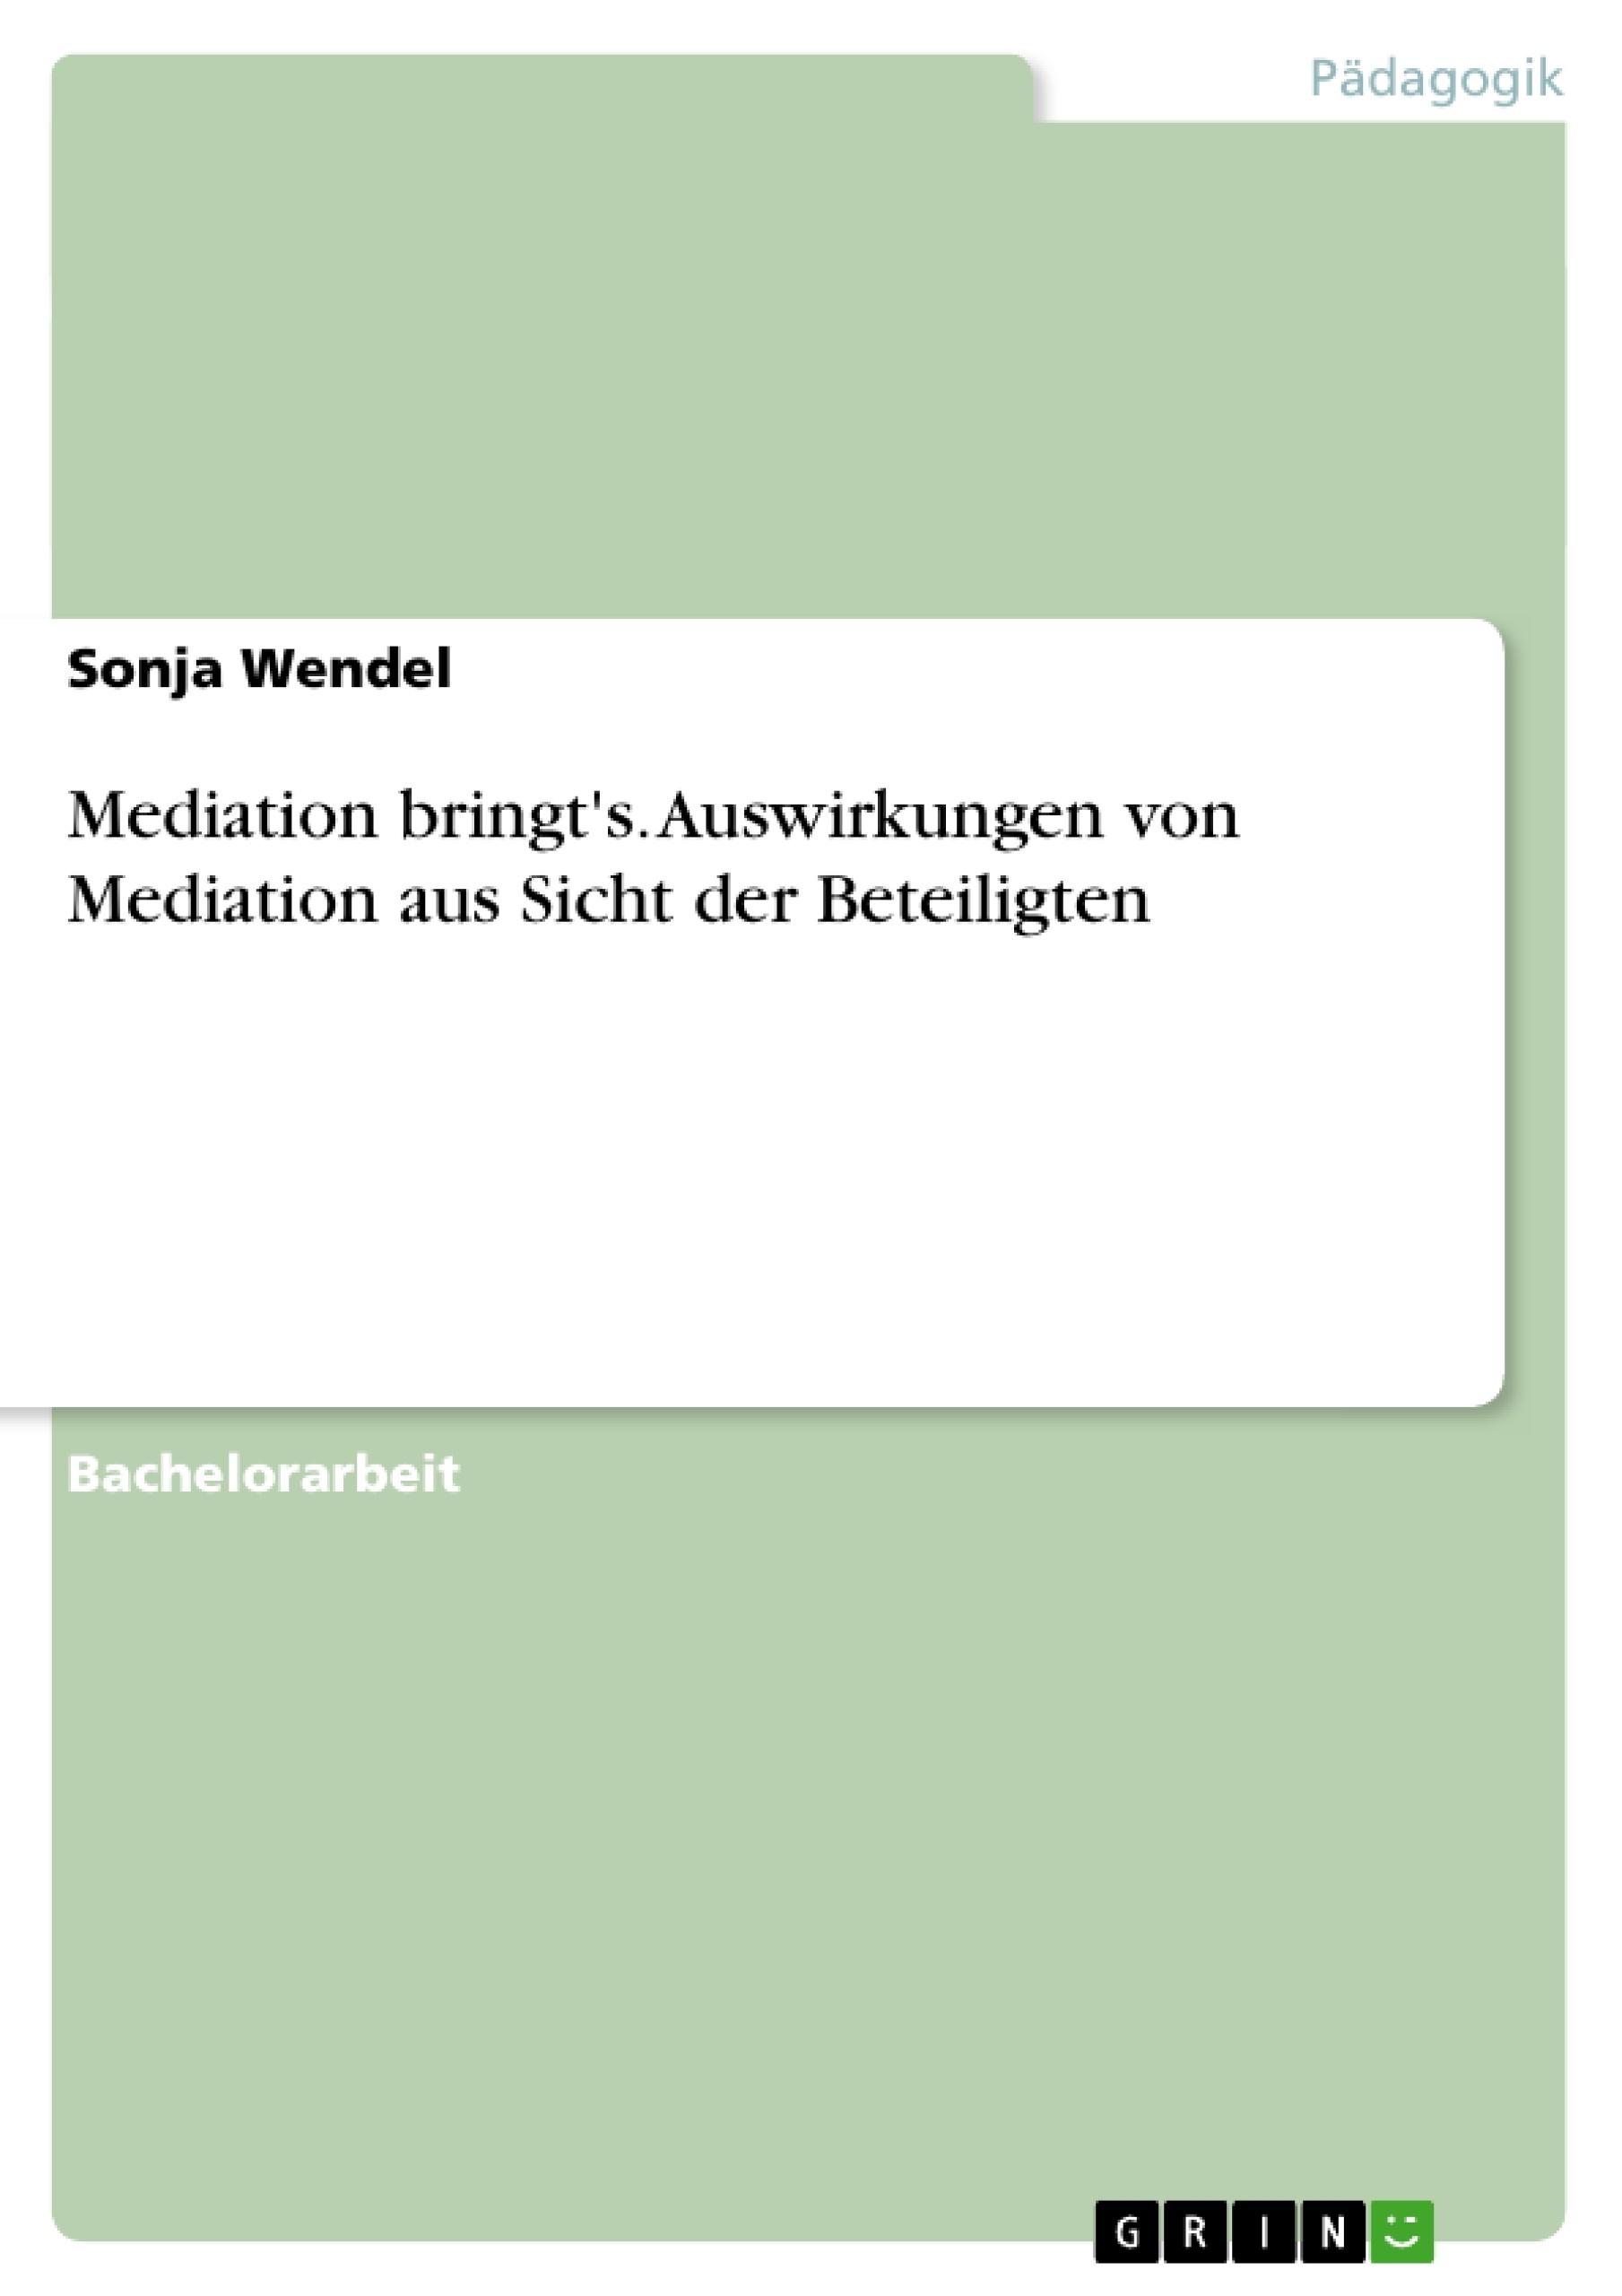 Titel: Mediation bringt's. Auswirkungen von Mediation aus Sicht der Beteiligten